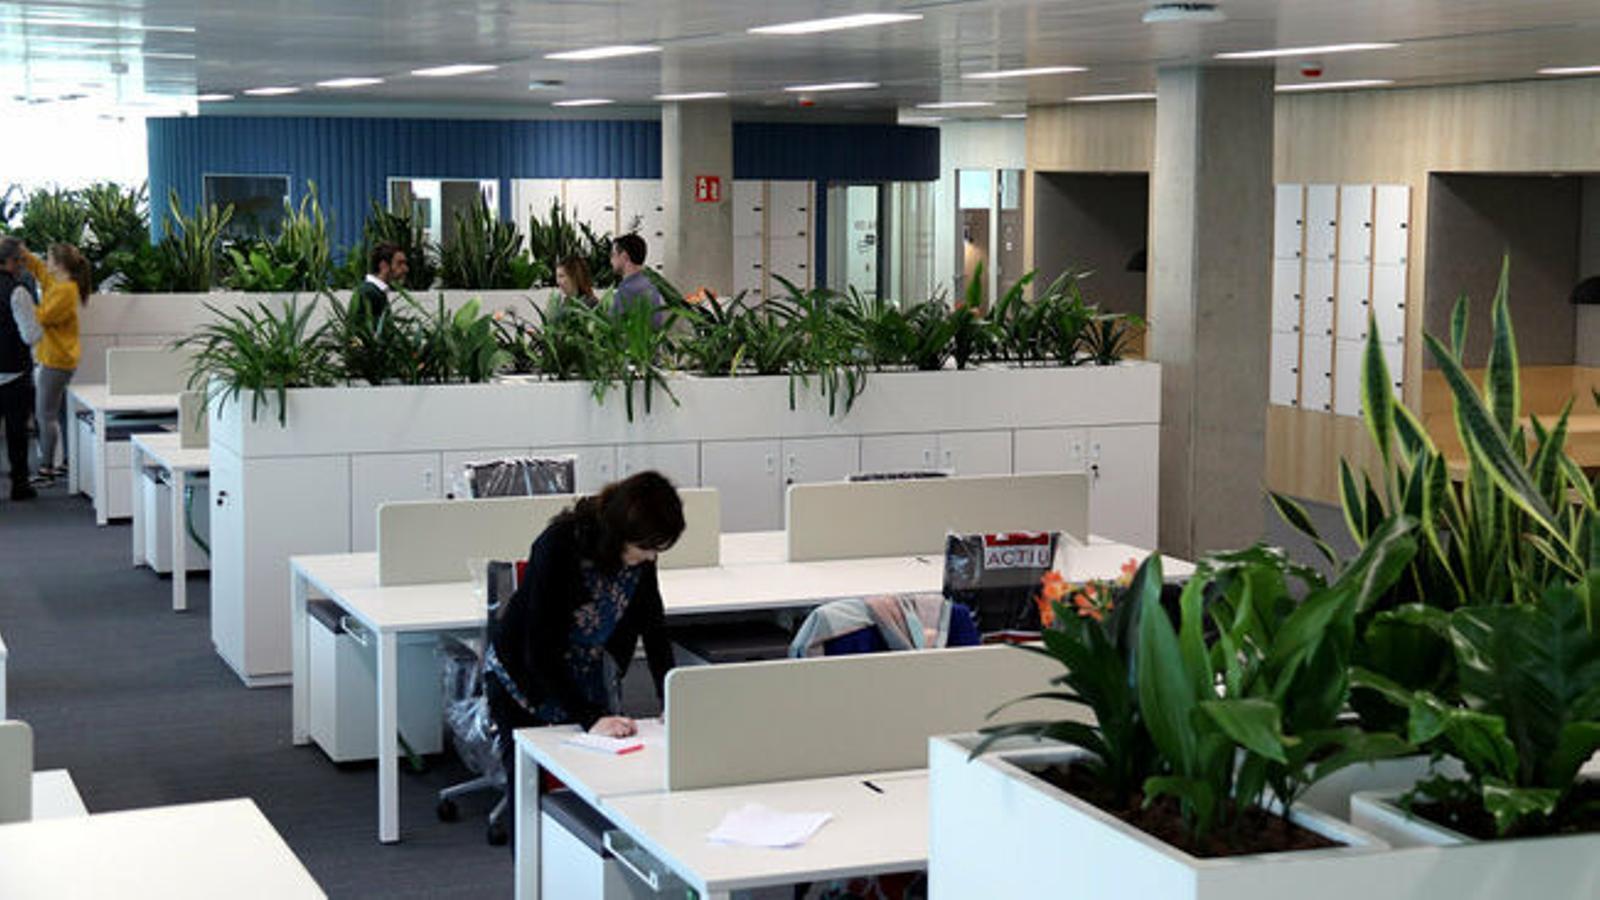 Només un de cada cinc  llocs directius de la Generalitat els ocupen dones